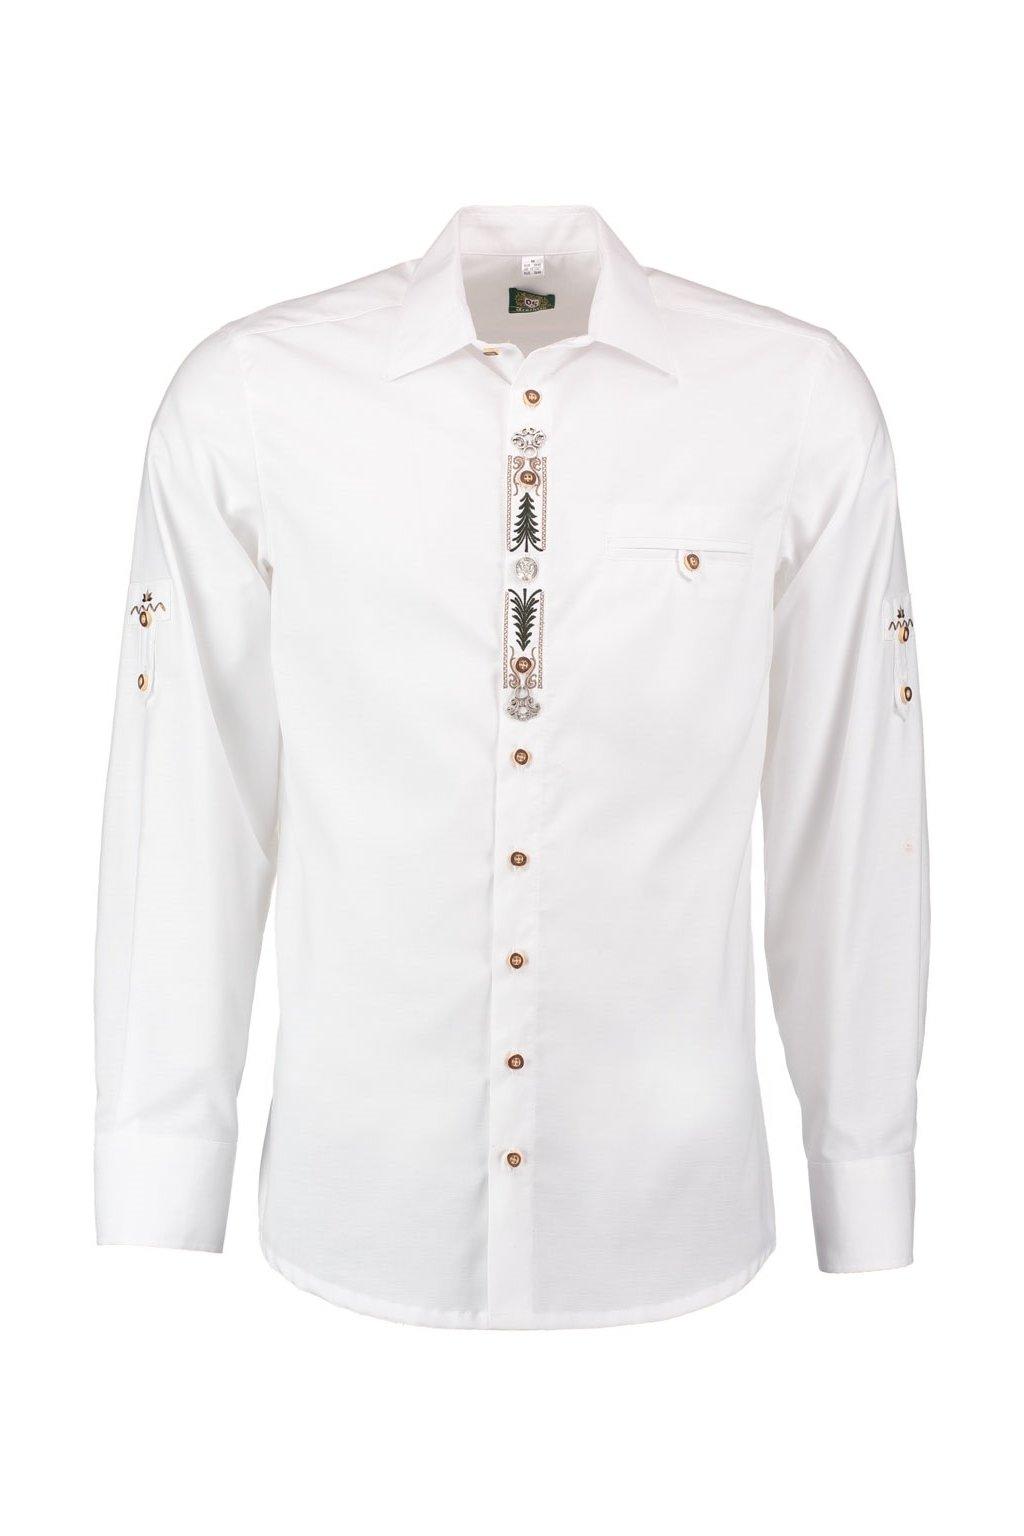 ORBIS - košile pánská bílá Slim Fit (18-2797)